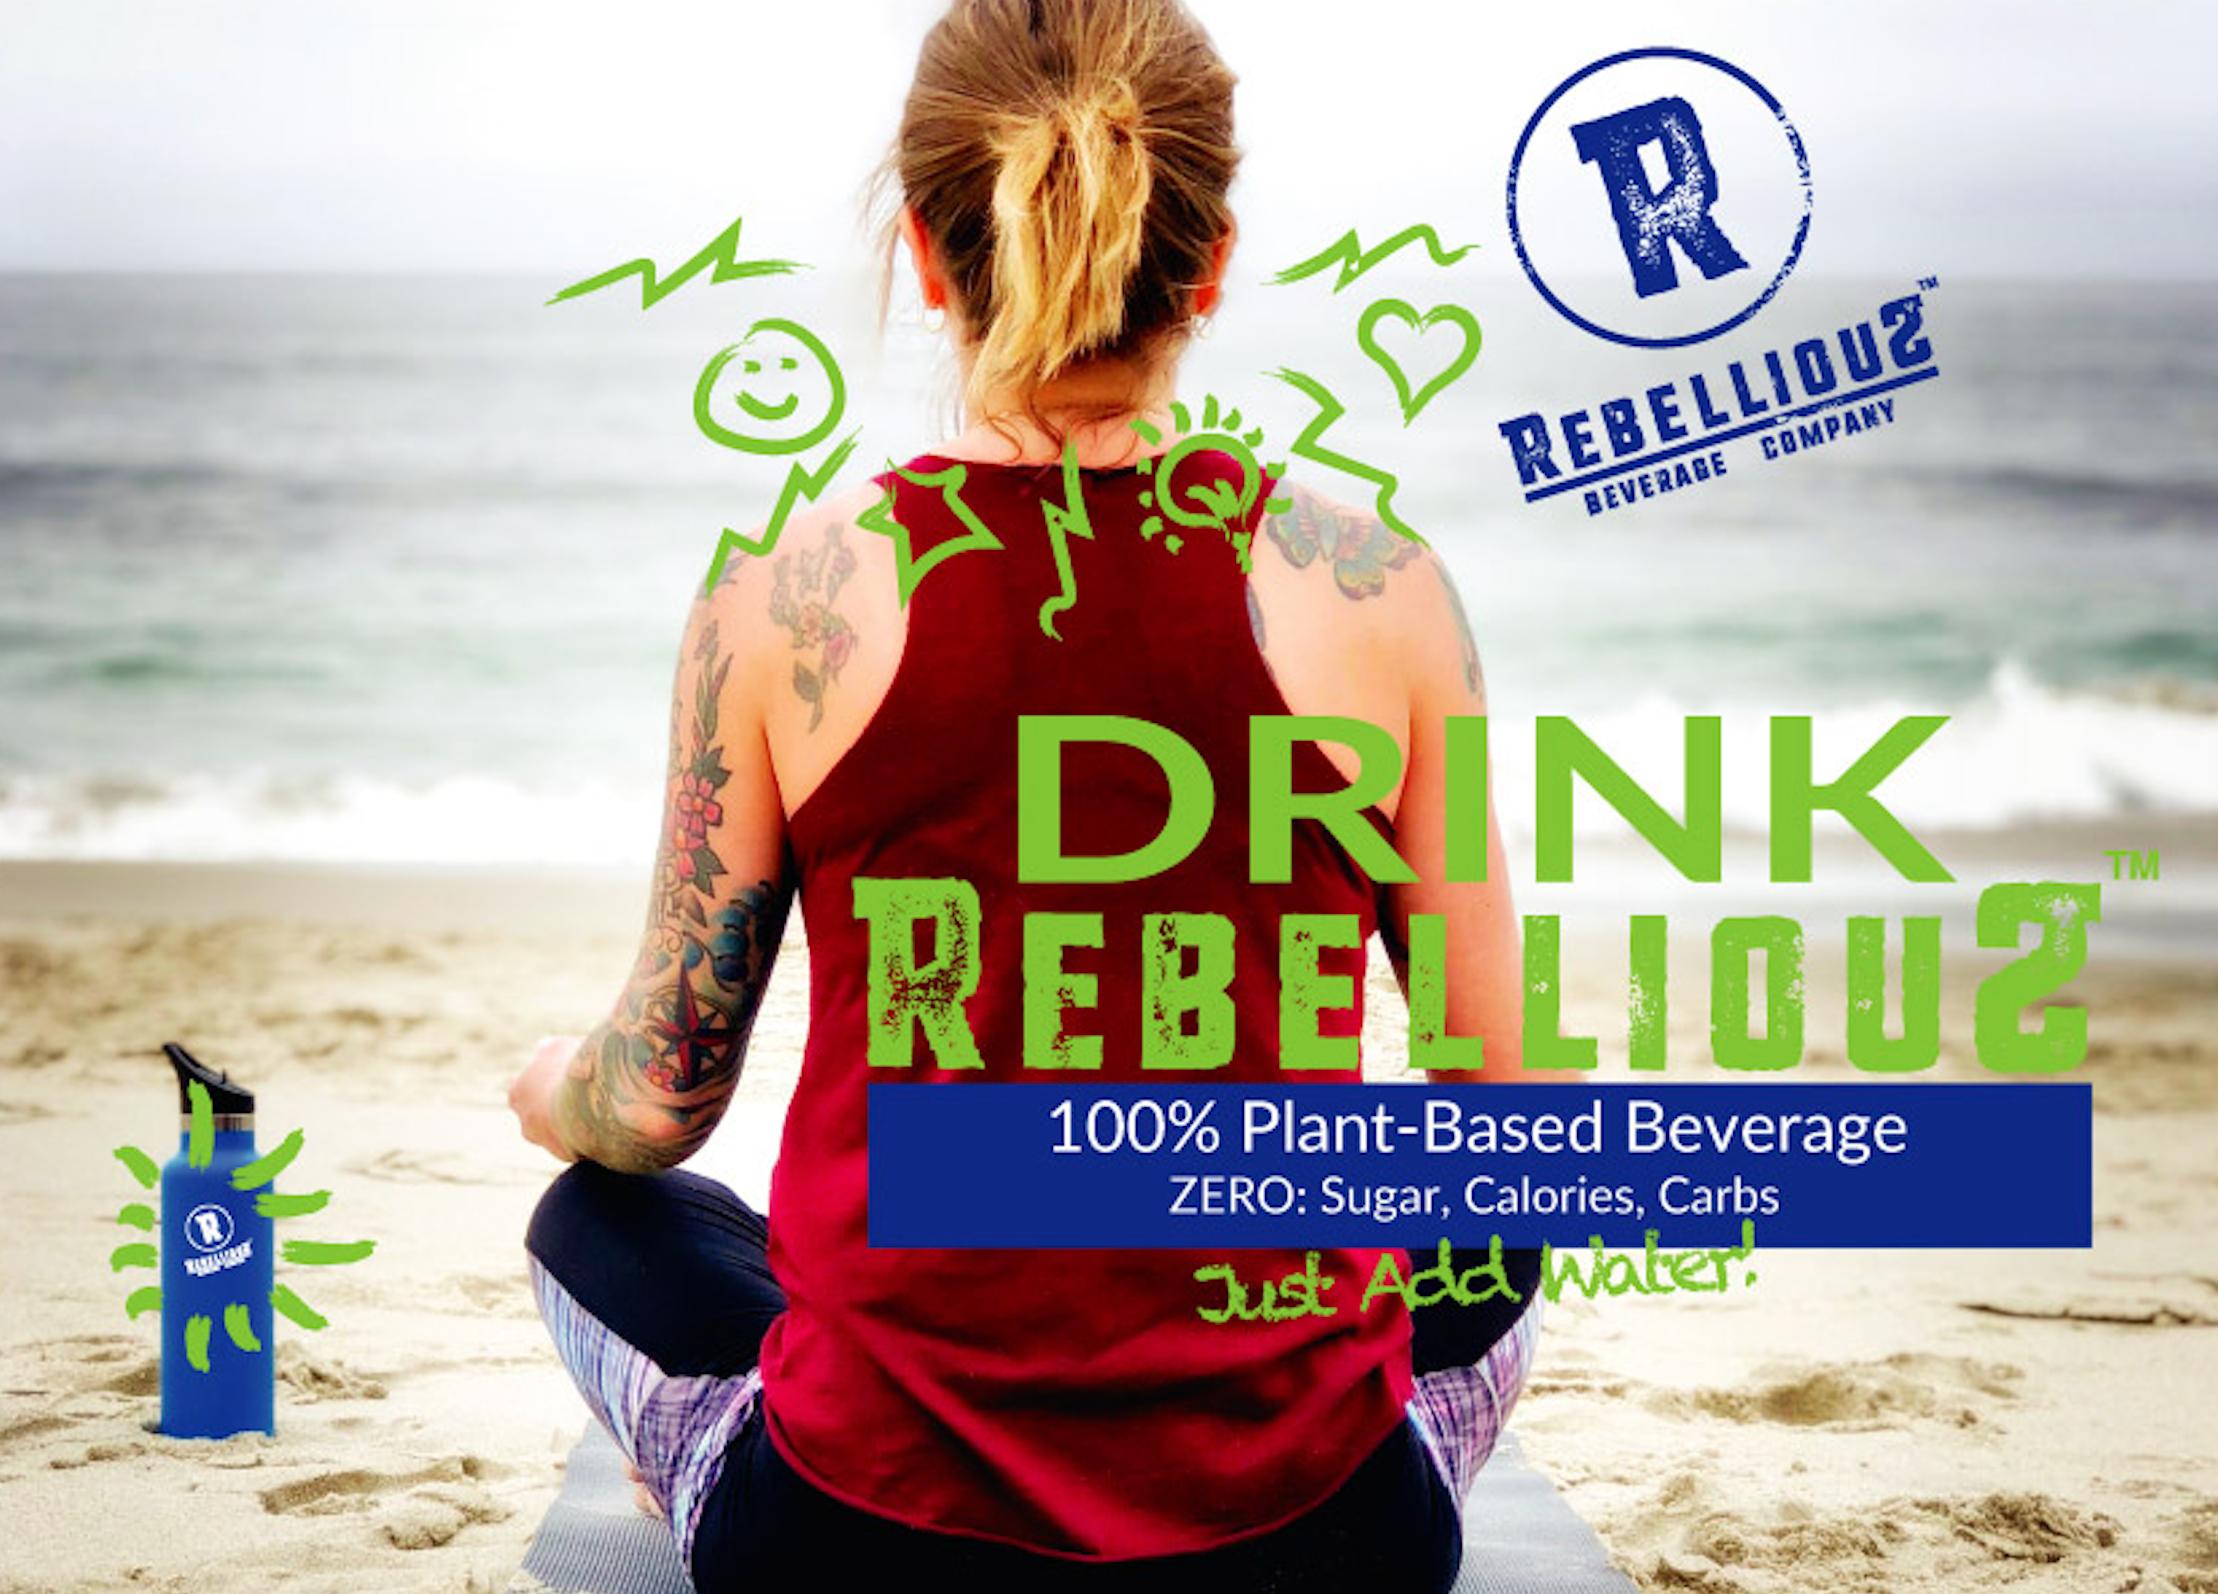 Rebellious Beverage Company